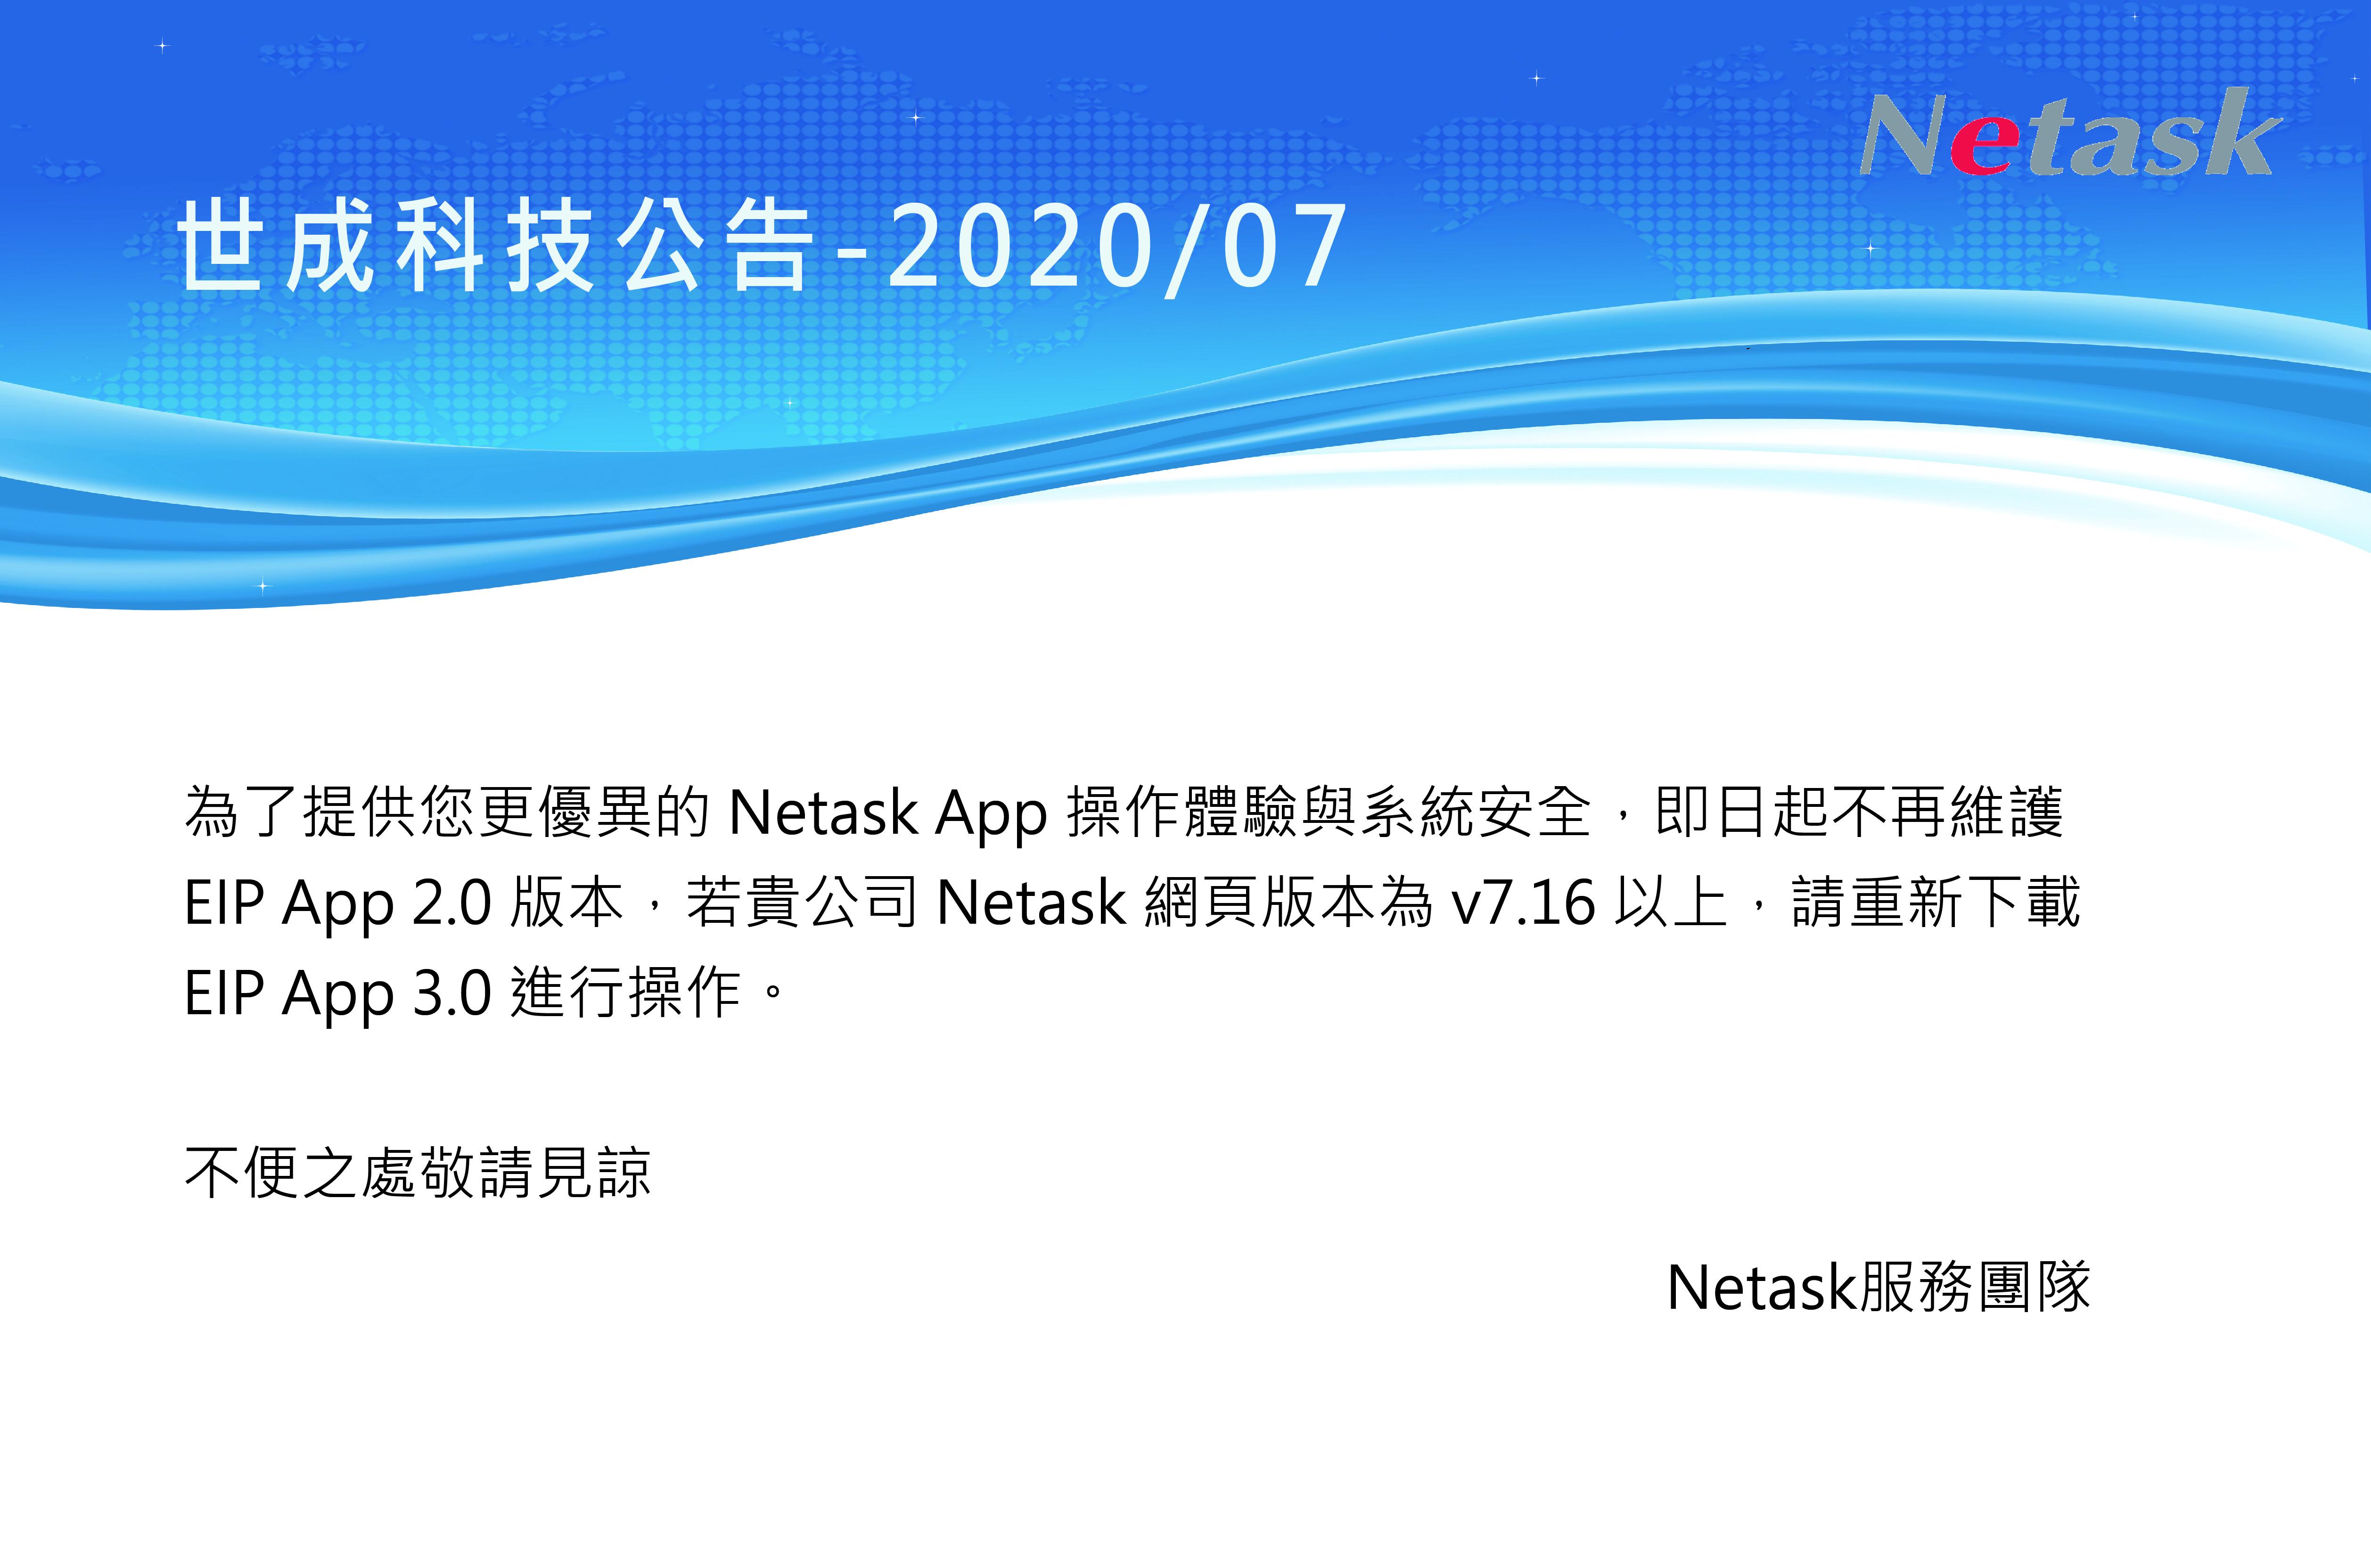 不再維護App2.0,請改用Netask App 3.0